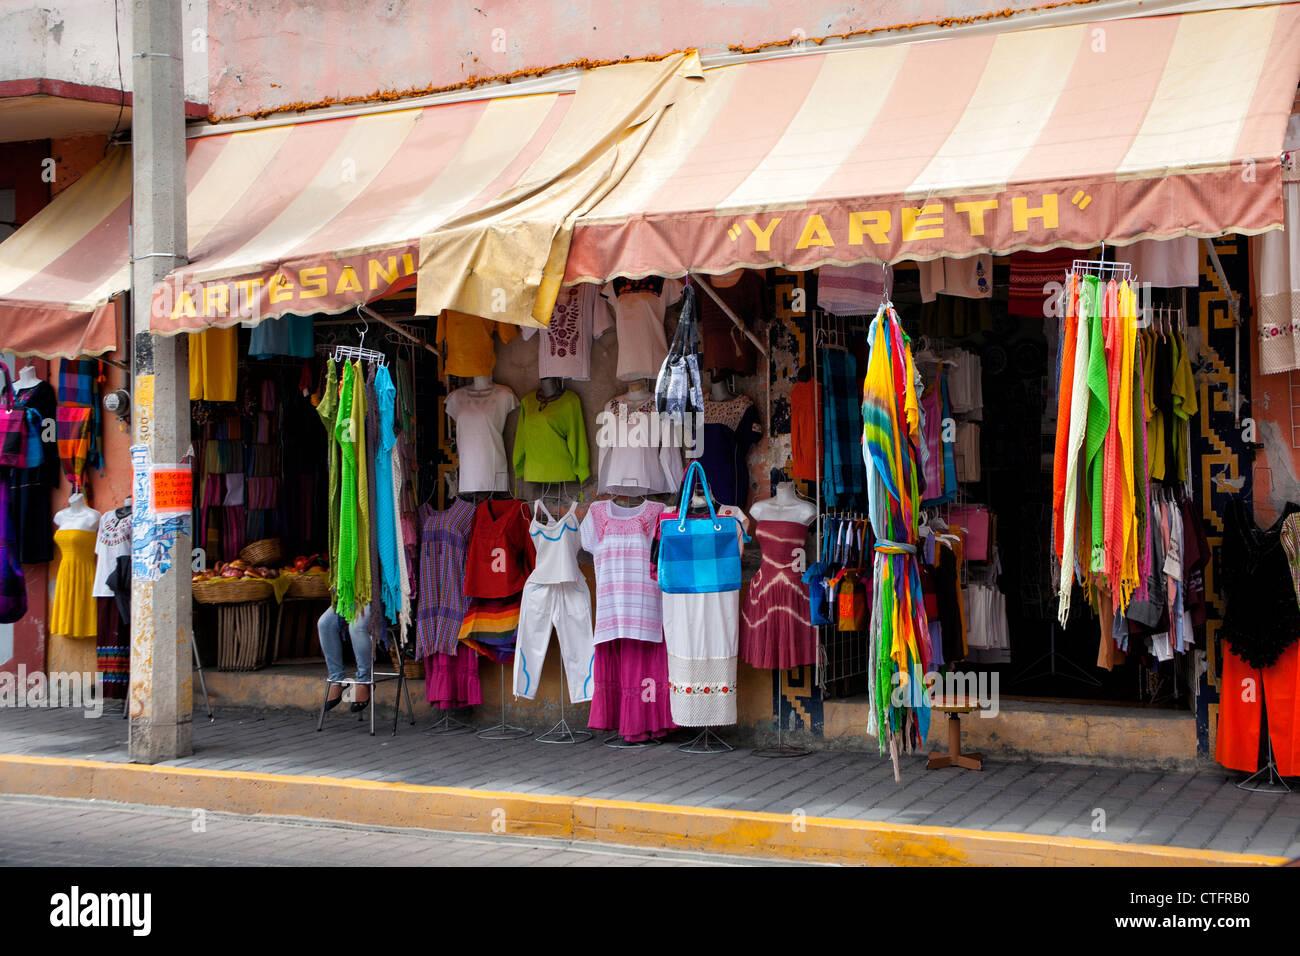 Abbigliamento colorato in negozio in Cholula, Messico Immagini Stock